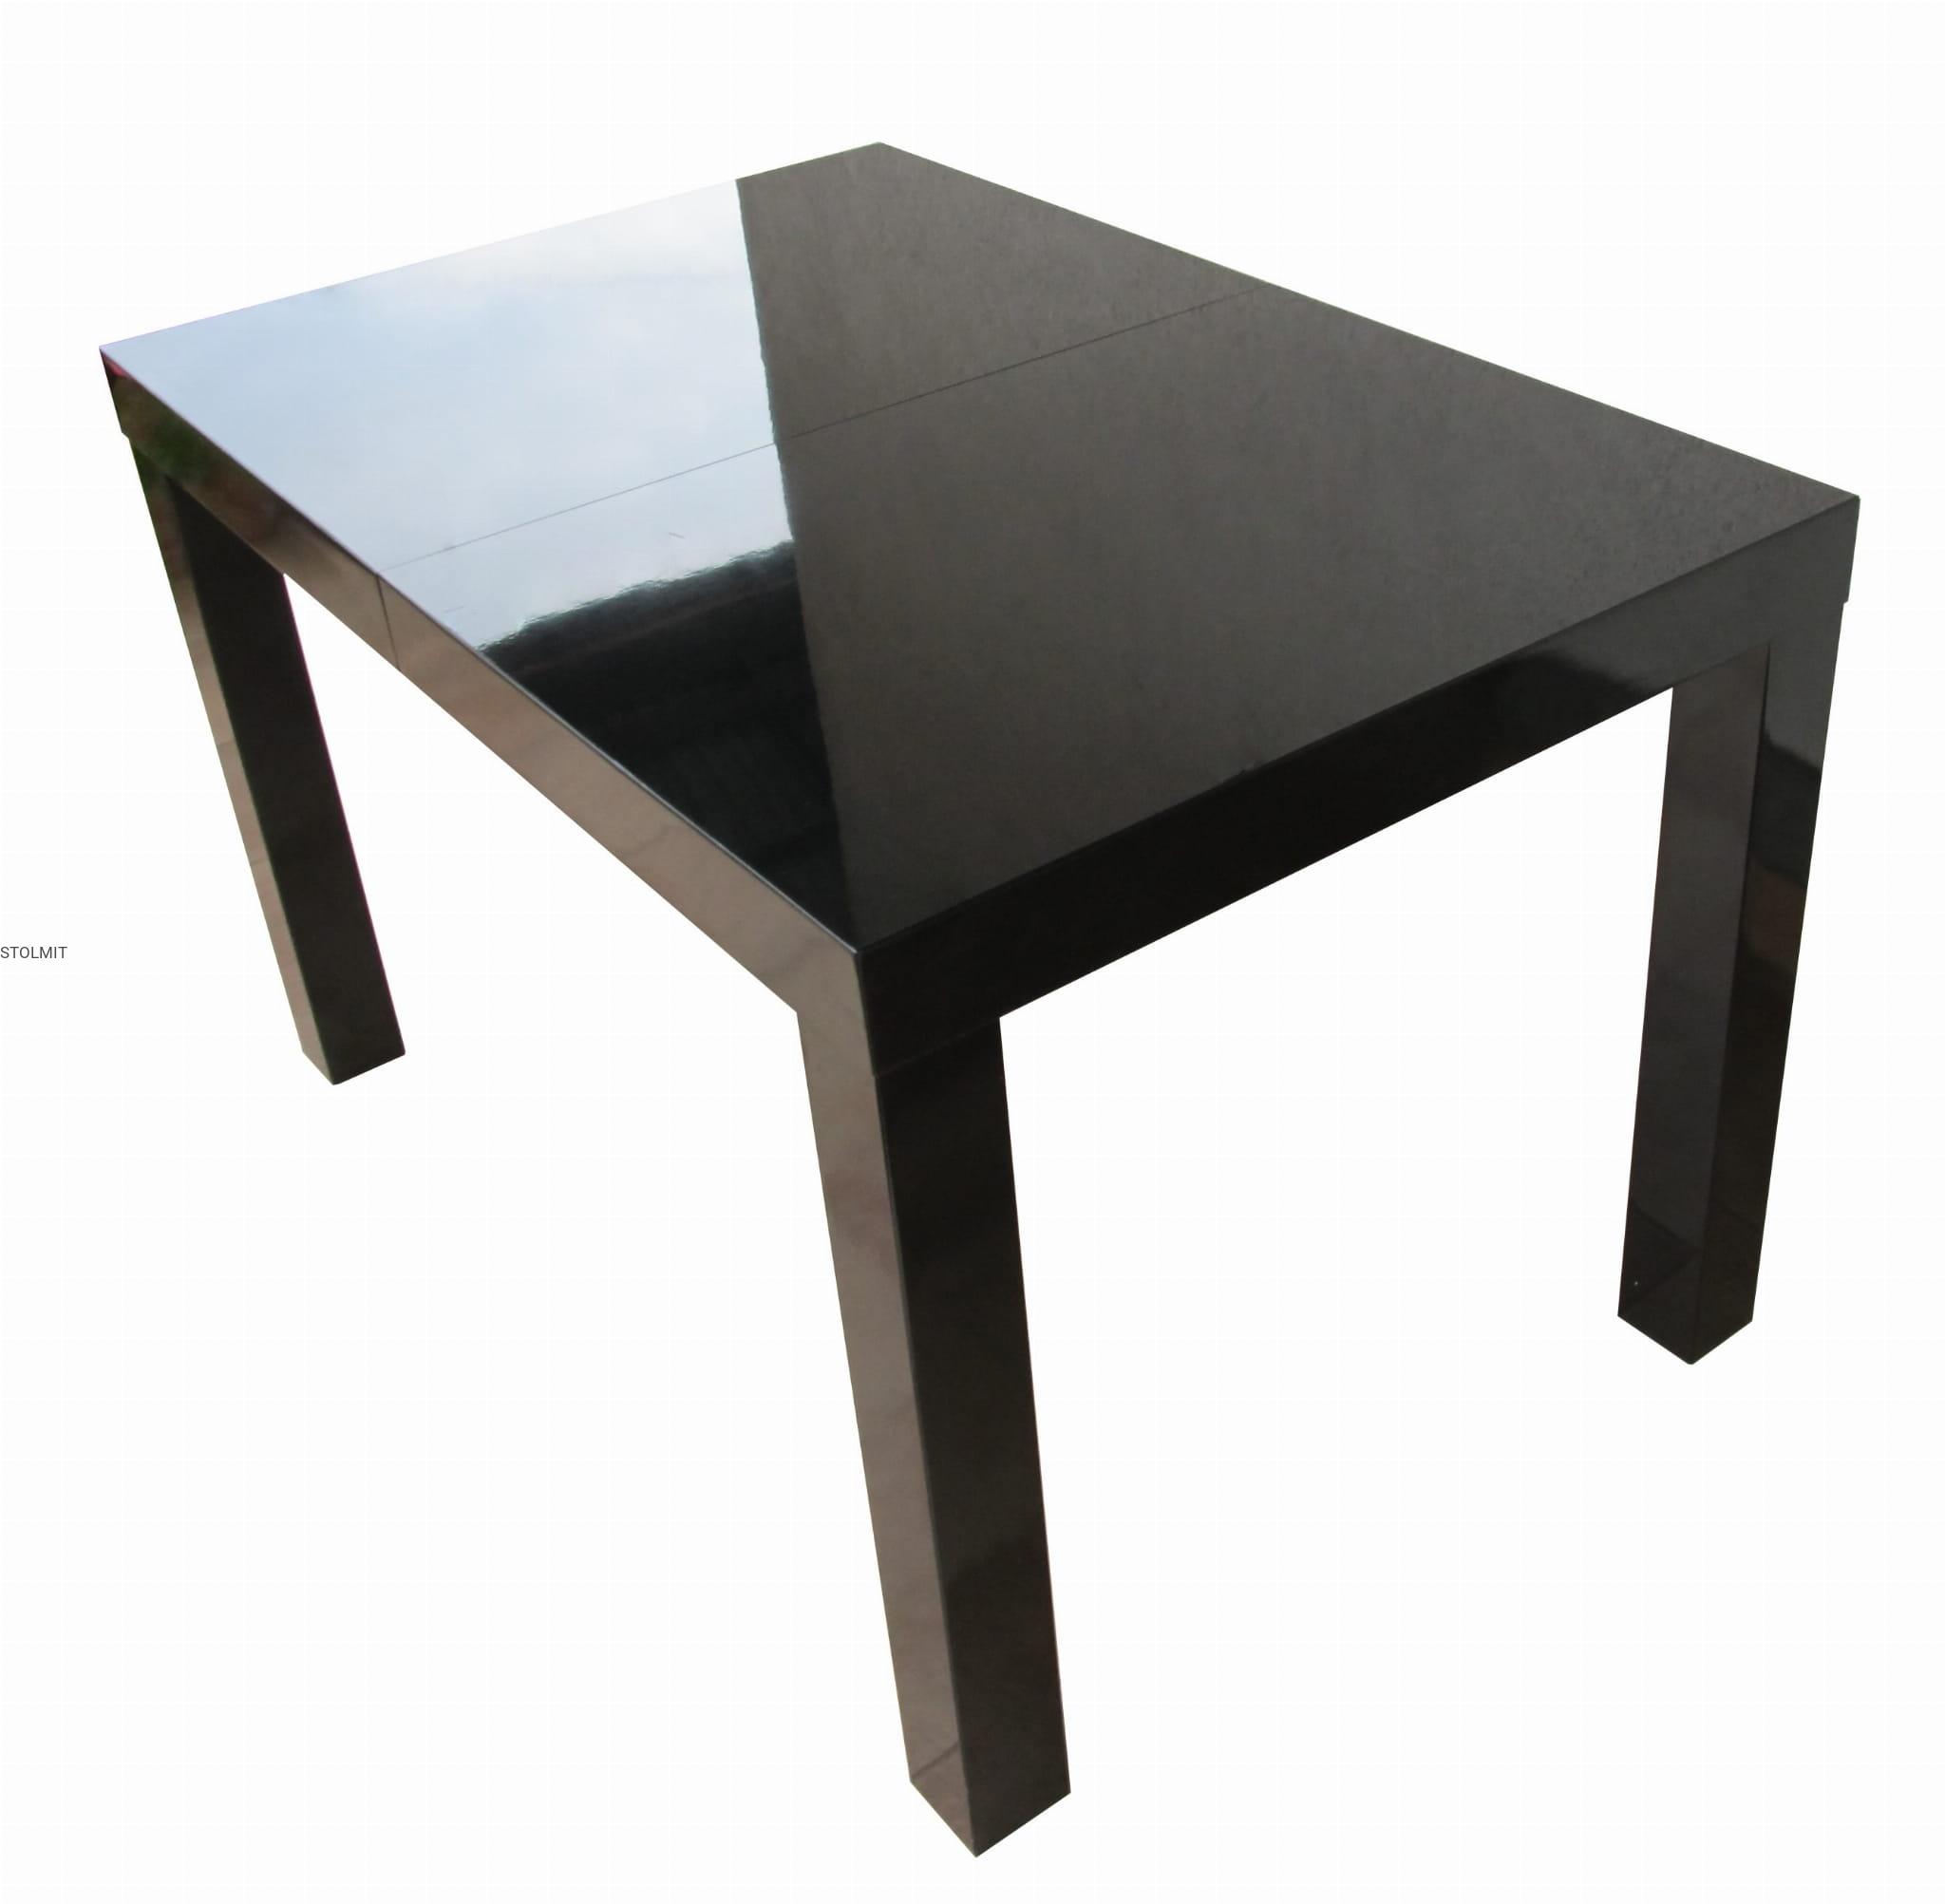 Wszystkie nowe Rozkładany lub w całości stół czarny połysk - na wymiar stolmit.meble RD45